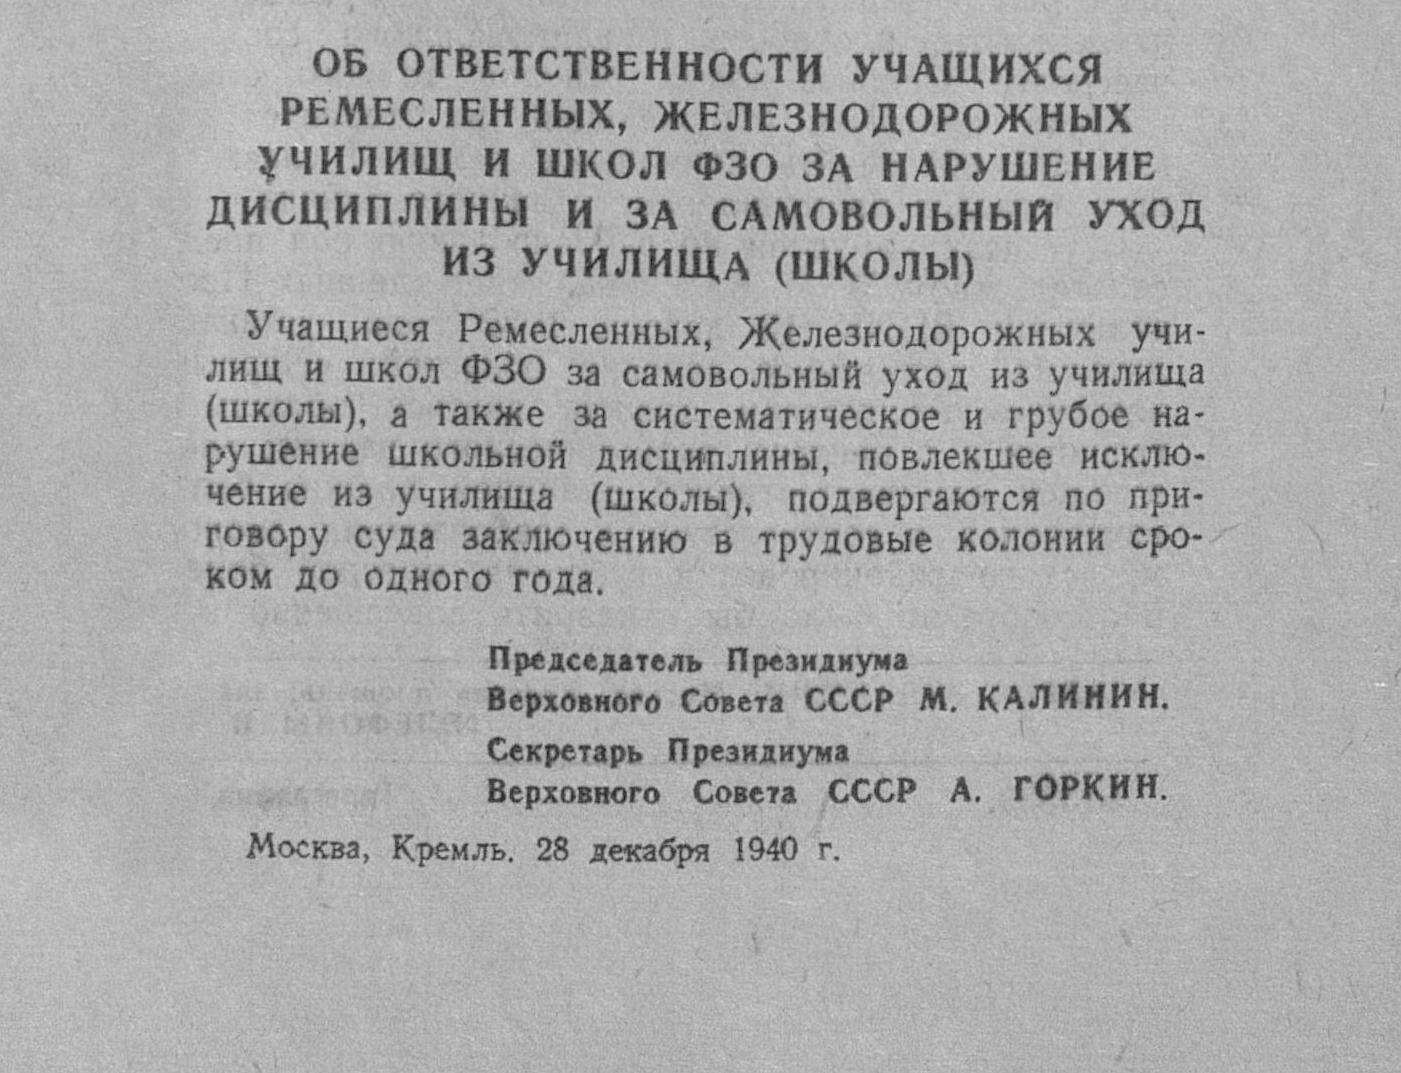 65 лет назад, в конце апреля 1956 года, была отменена уголовная ответственность